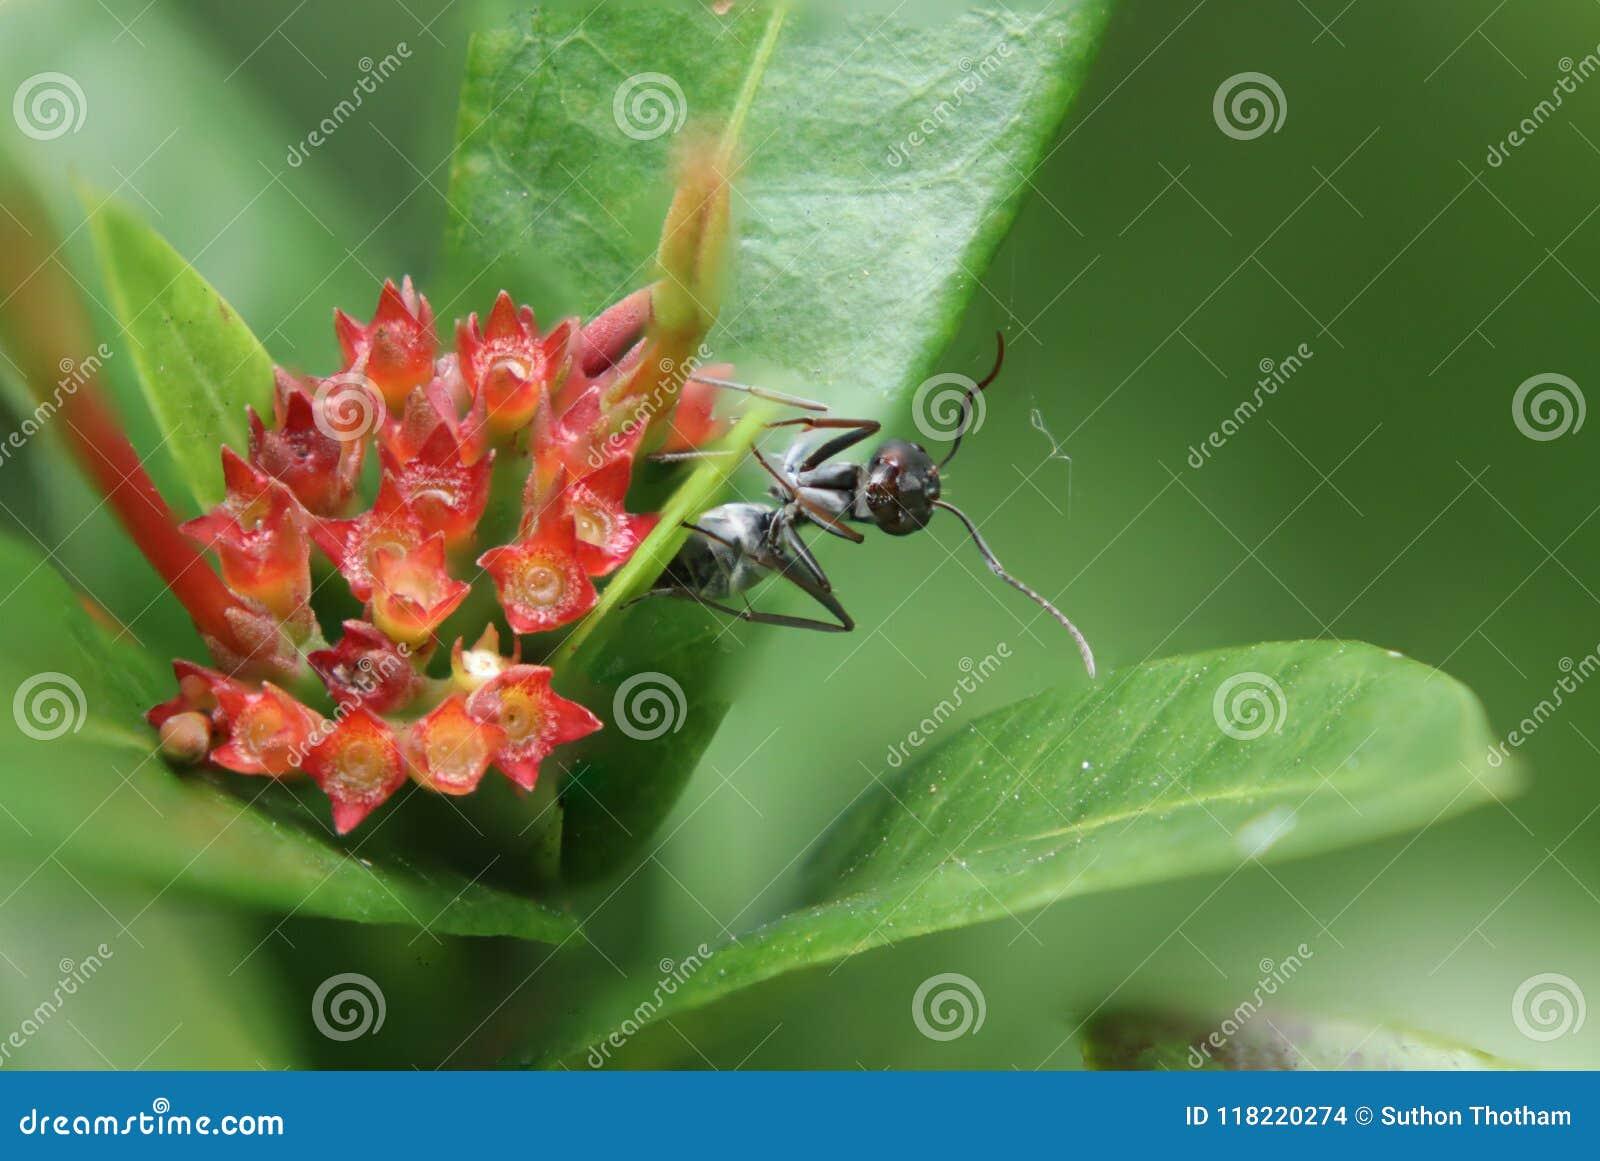 La hormiga de la bala, este tipo de hormiga es famosa por tener extremadamente